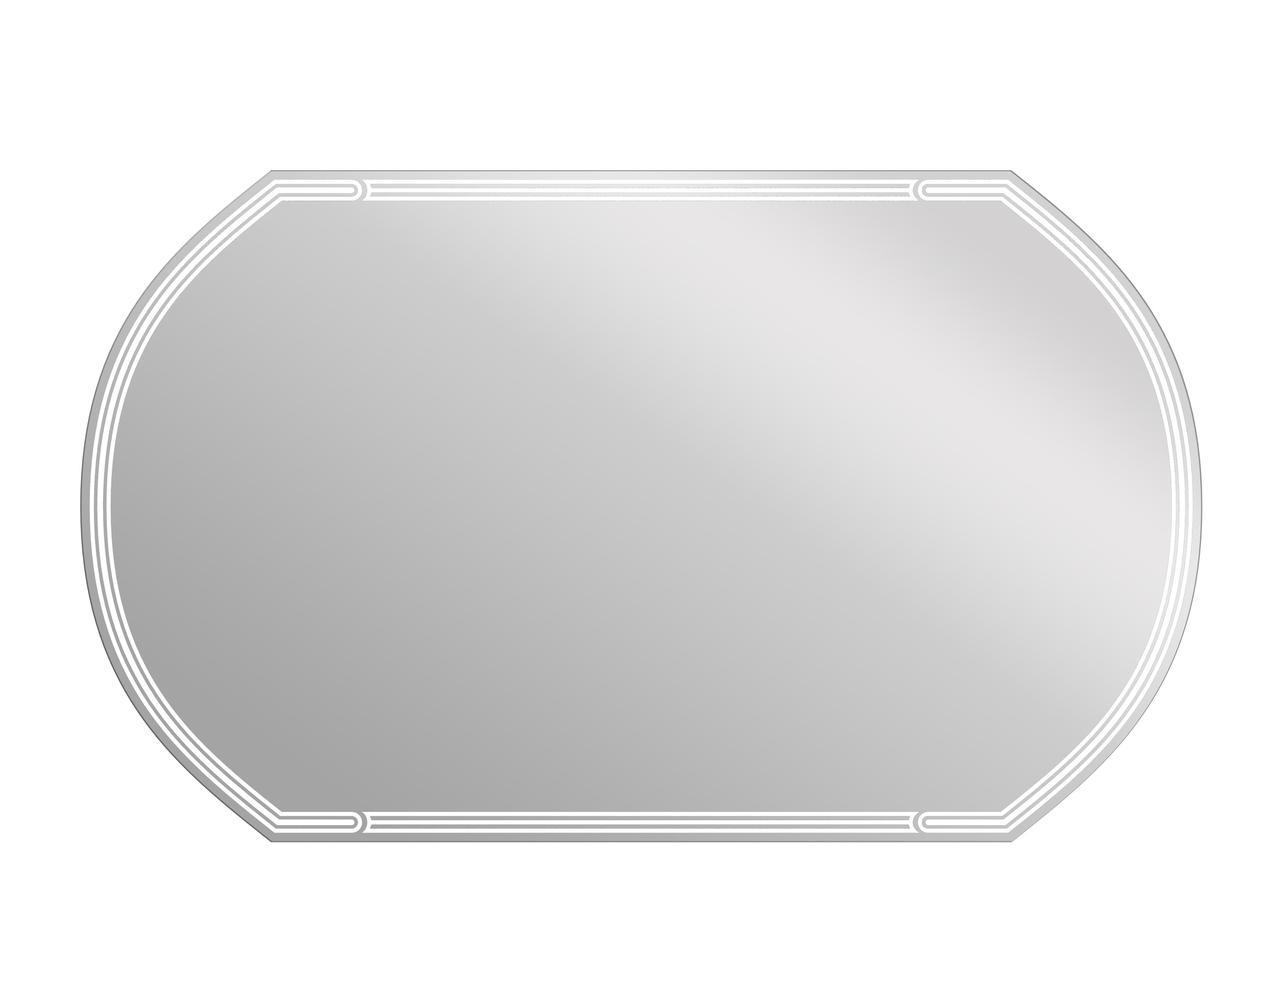 Зеркало LED 090 design 100x60 с подсветкой с антизапотеванием овальное - фото 1